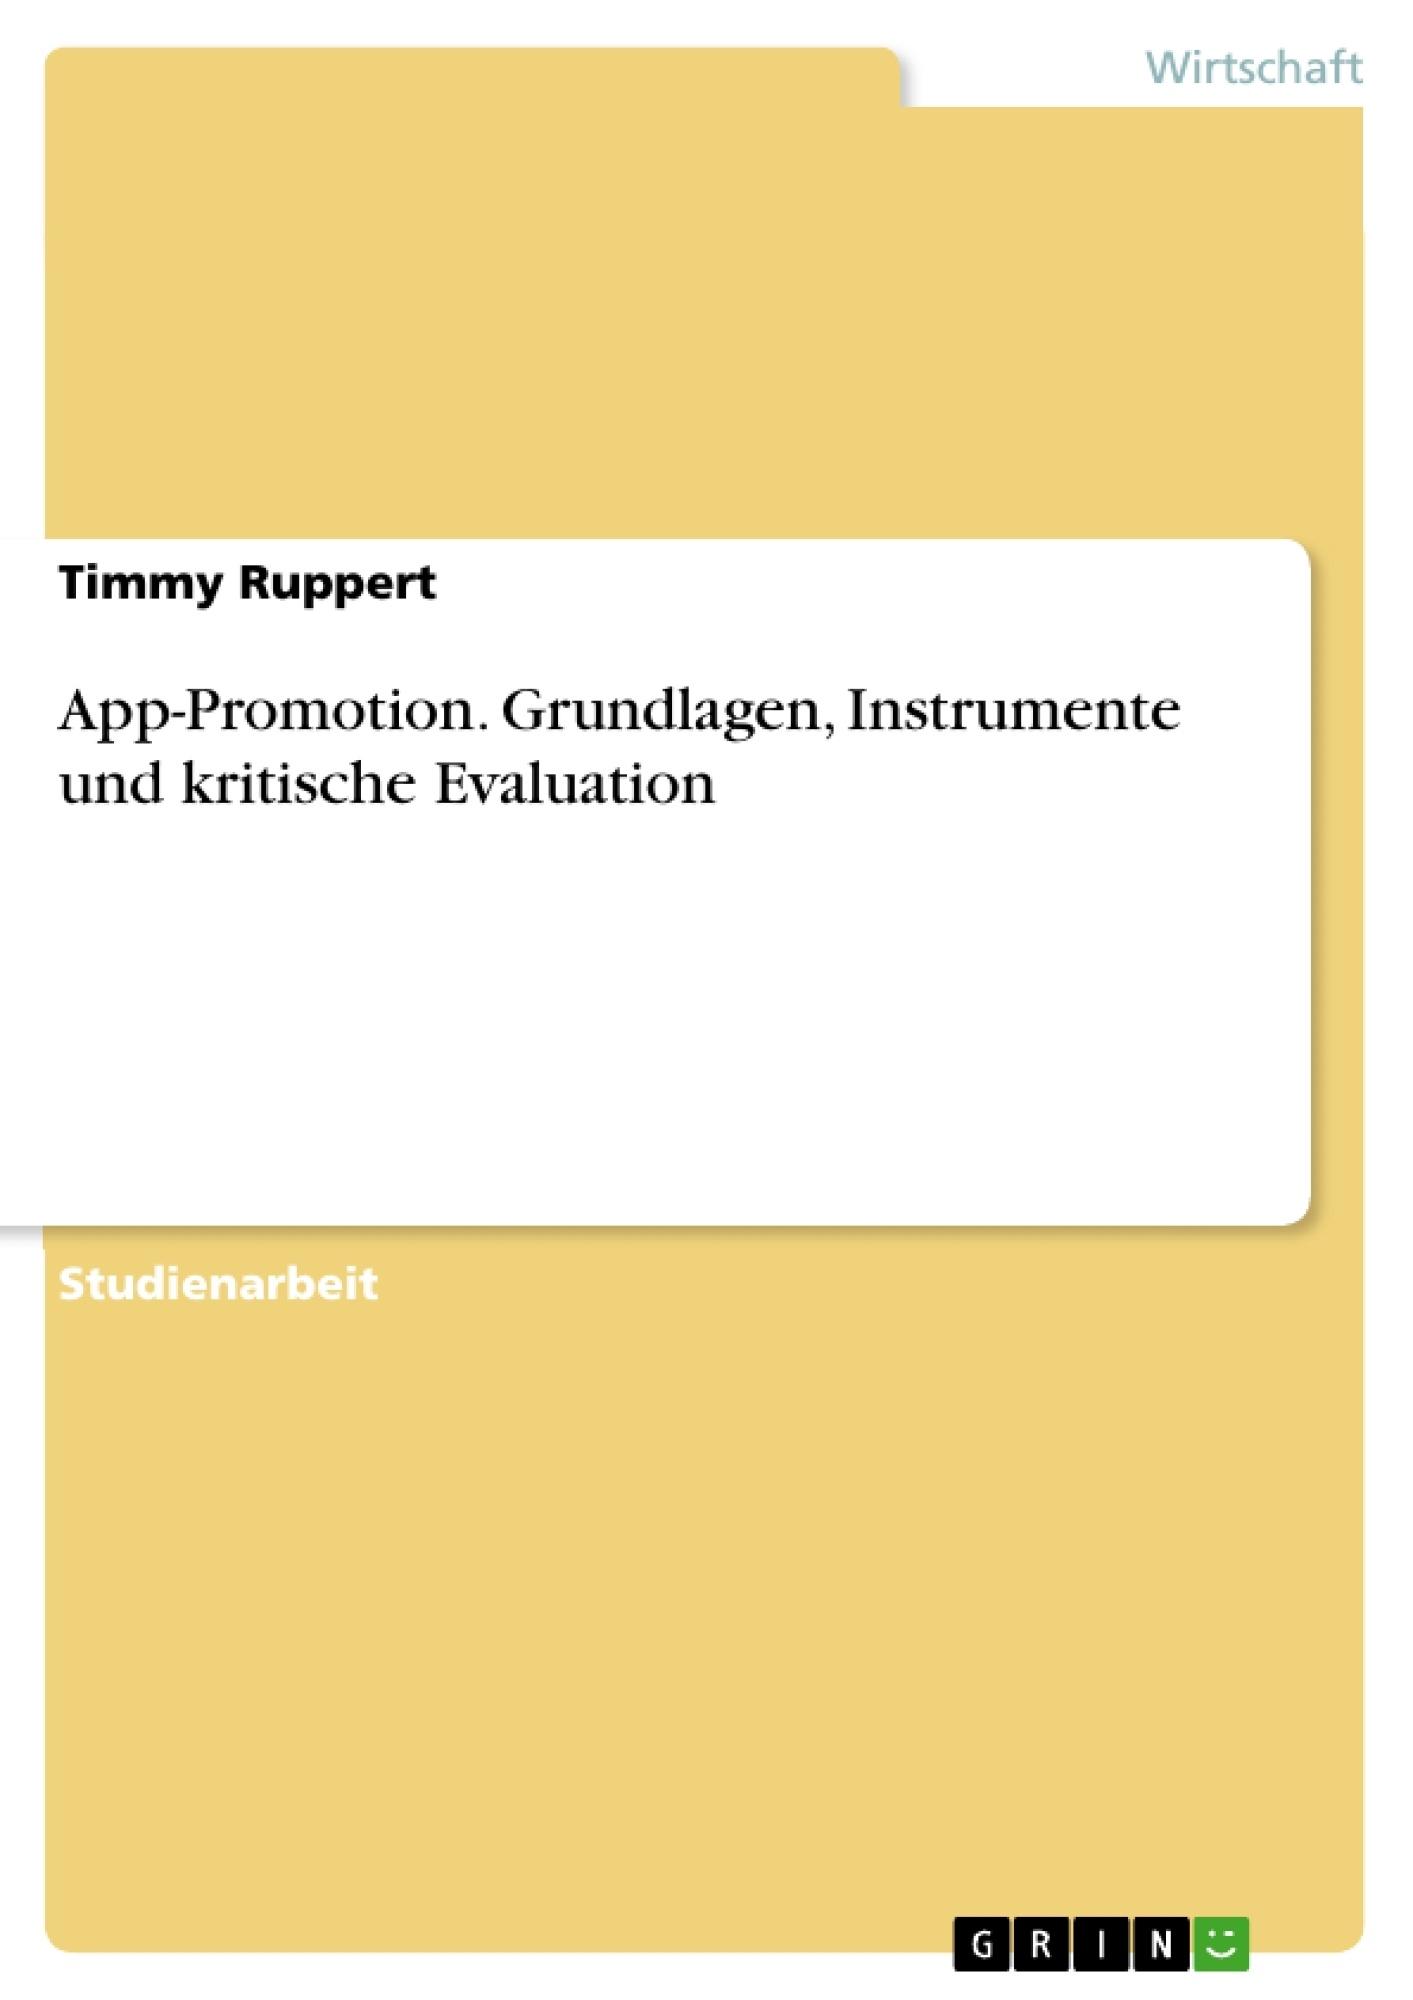 Titel: App-Promotion. Grundlagen, Instrumente und kritische Evaluation